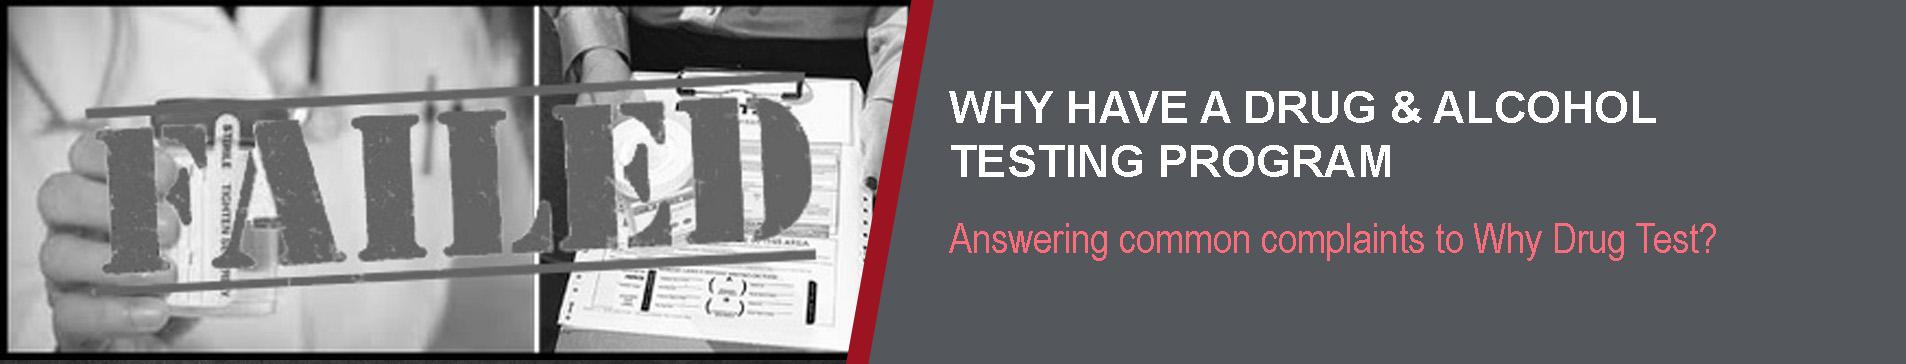 Why drug test header